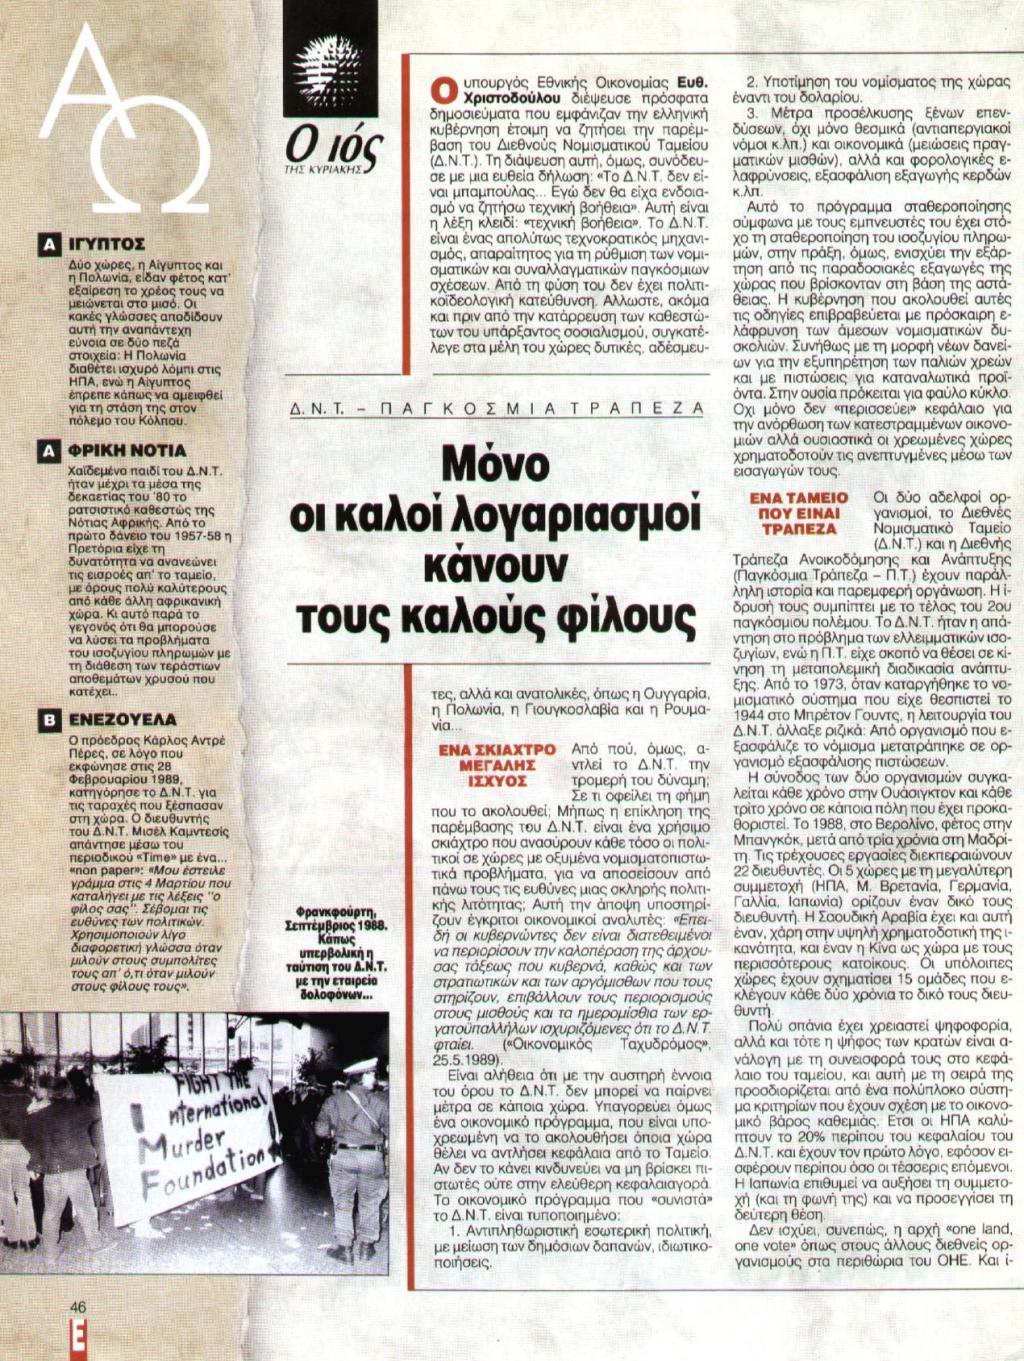 1991-11-03-ΕΨΙΛΟΝ - Ιός - Διεθνές Νομισματικό Ταμείο ΔΝΤ Το φιλί της ζωής που σκοτώνει-ΣΕΛ-02